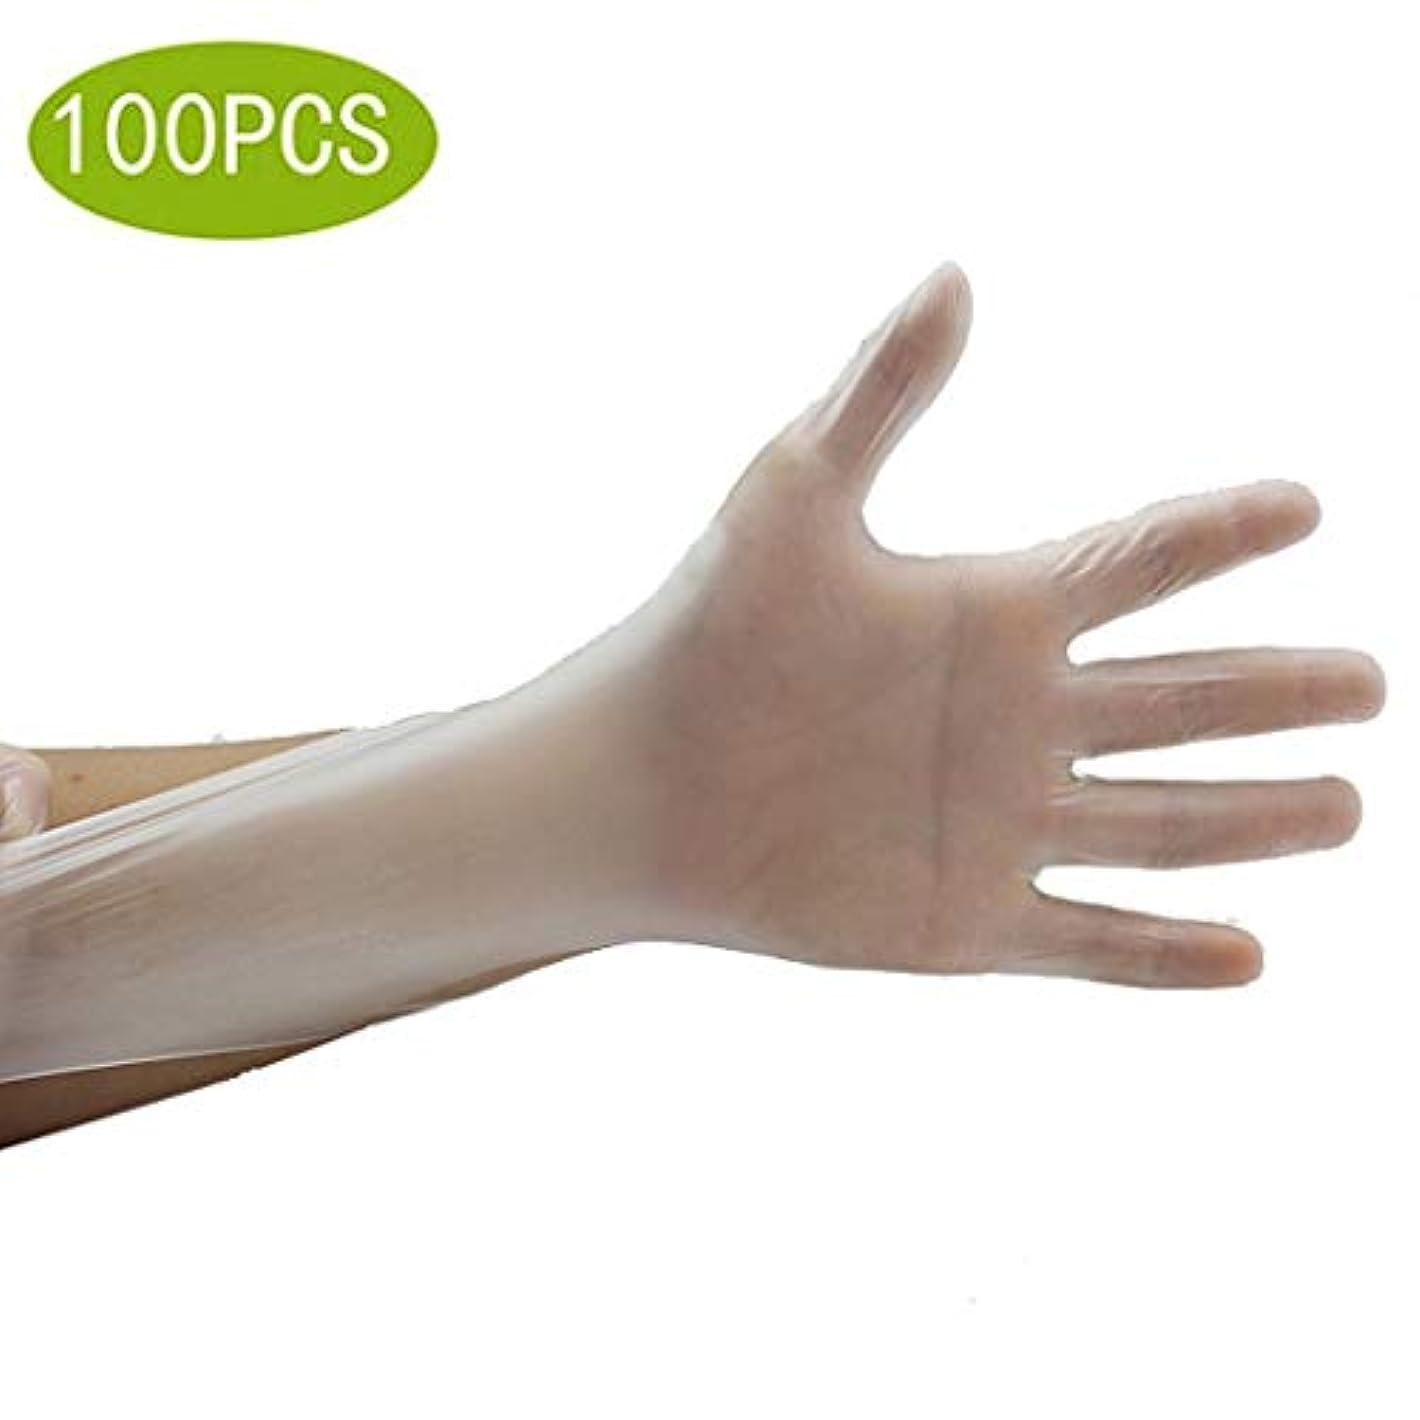 燃料療法反発使い捨てビニール手袋、無菌、パウダーフリー、スムースタッチ、フードサービスグレード、ミディアムサイズ[100パック] (Color : White)